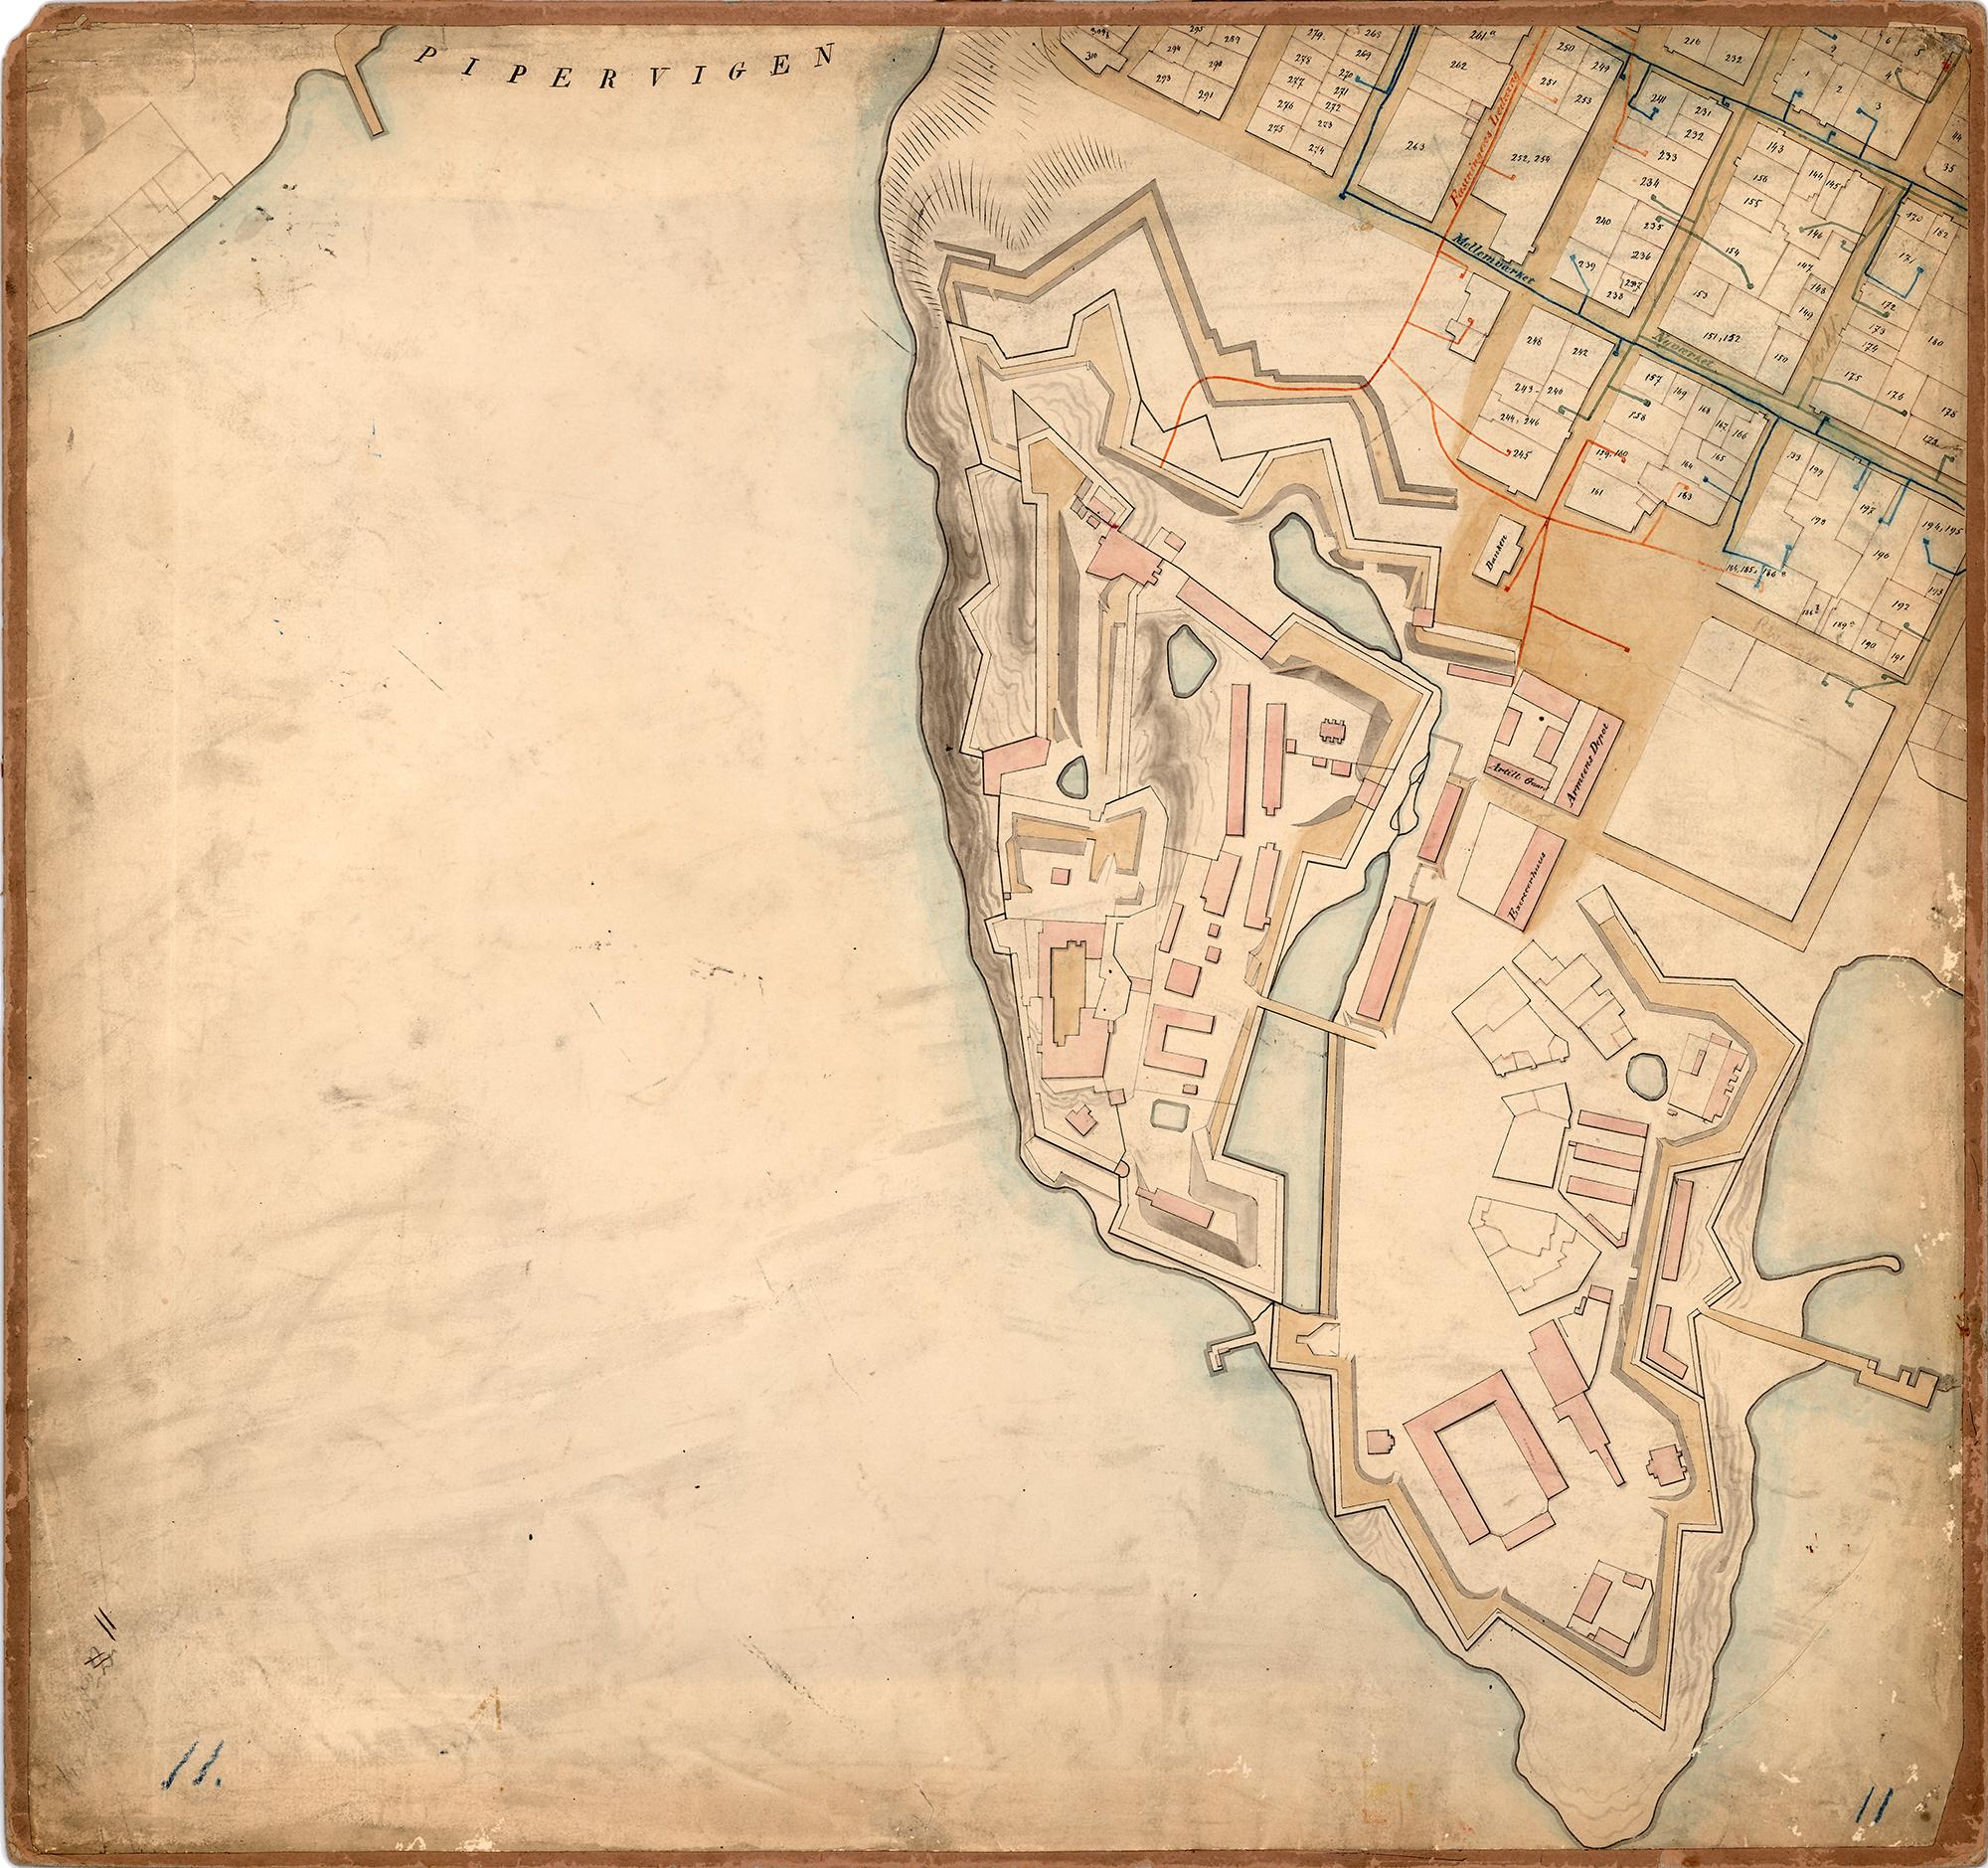 Én av kartplatene som utgjør Grosch' generalkart over Christiania fra 1820/1830-tallet. Eiendomsgrensene hadde ikke endret seg så mye siden 1737. I de kommende tiårene ville imidlertid mye endre seg. Eiendommer ble slått sammen og små, gamle bygårder ble erstattet nye, store mursteinsbygninger.